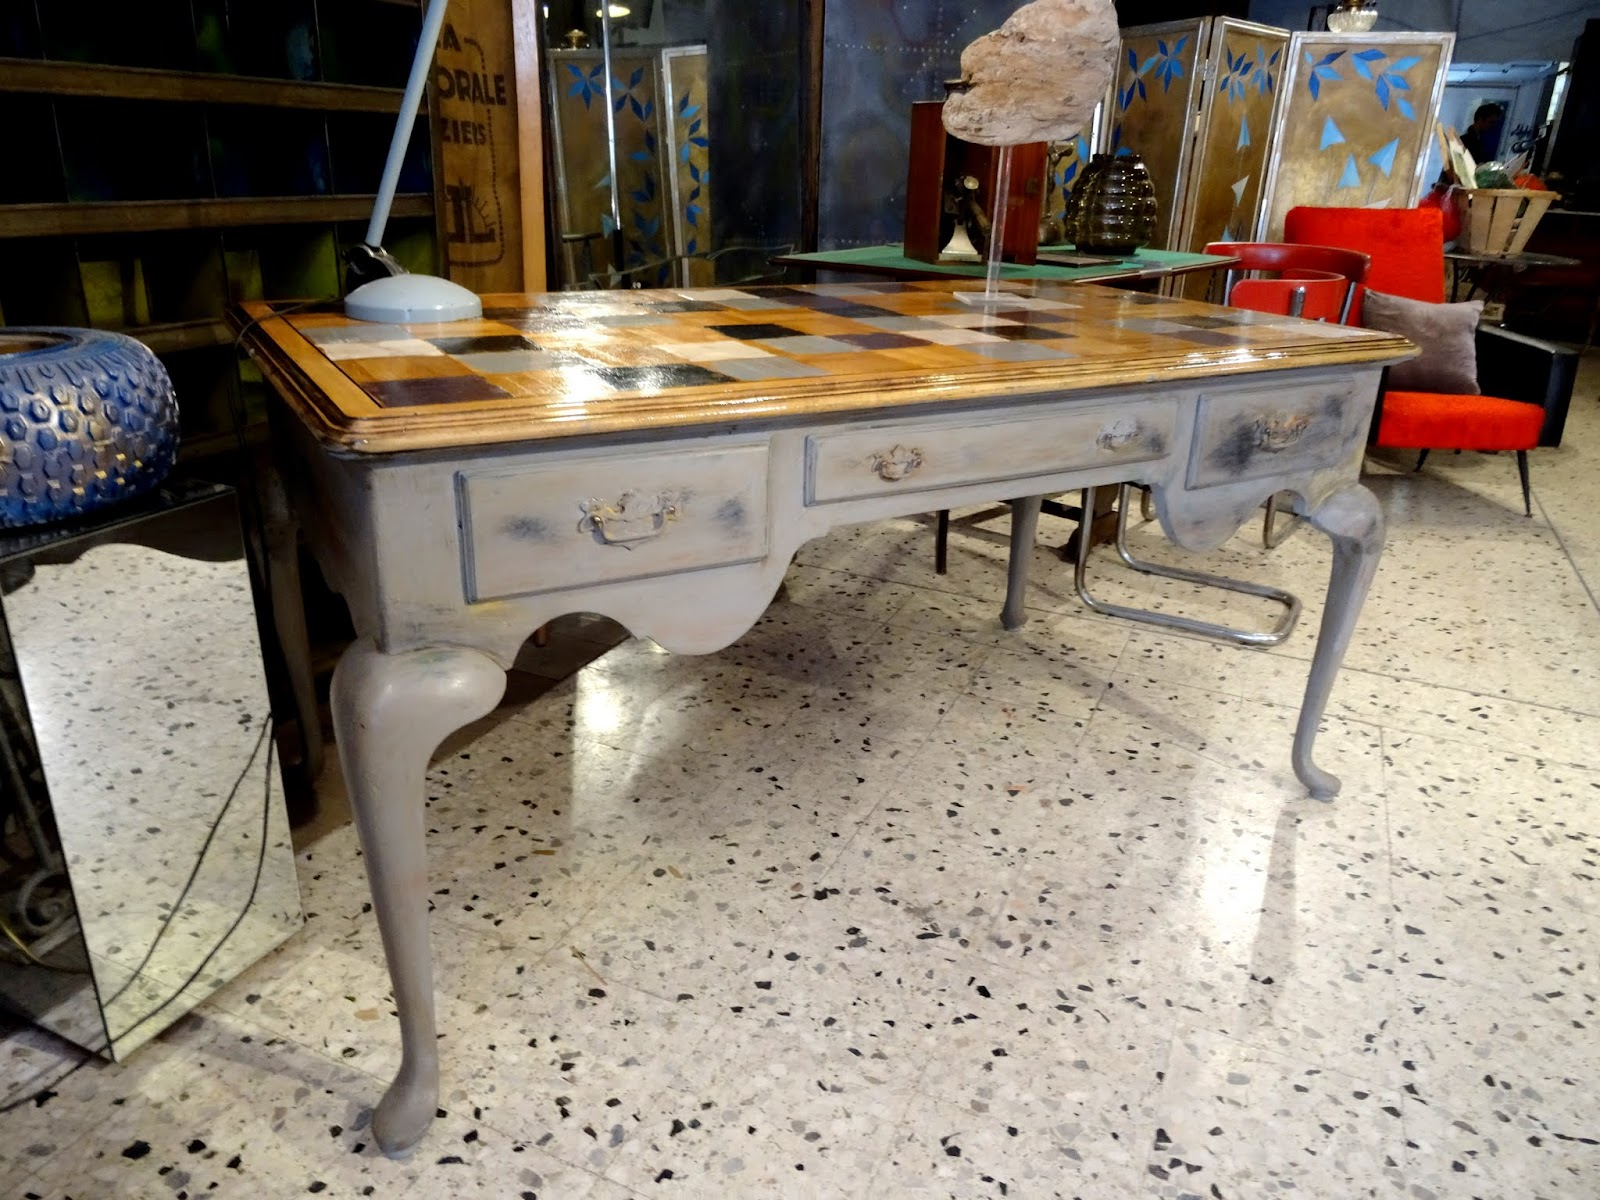 Latelier de philippe: bureau style chippendale patiné gris et damier